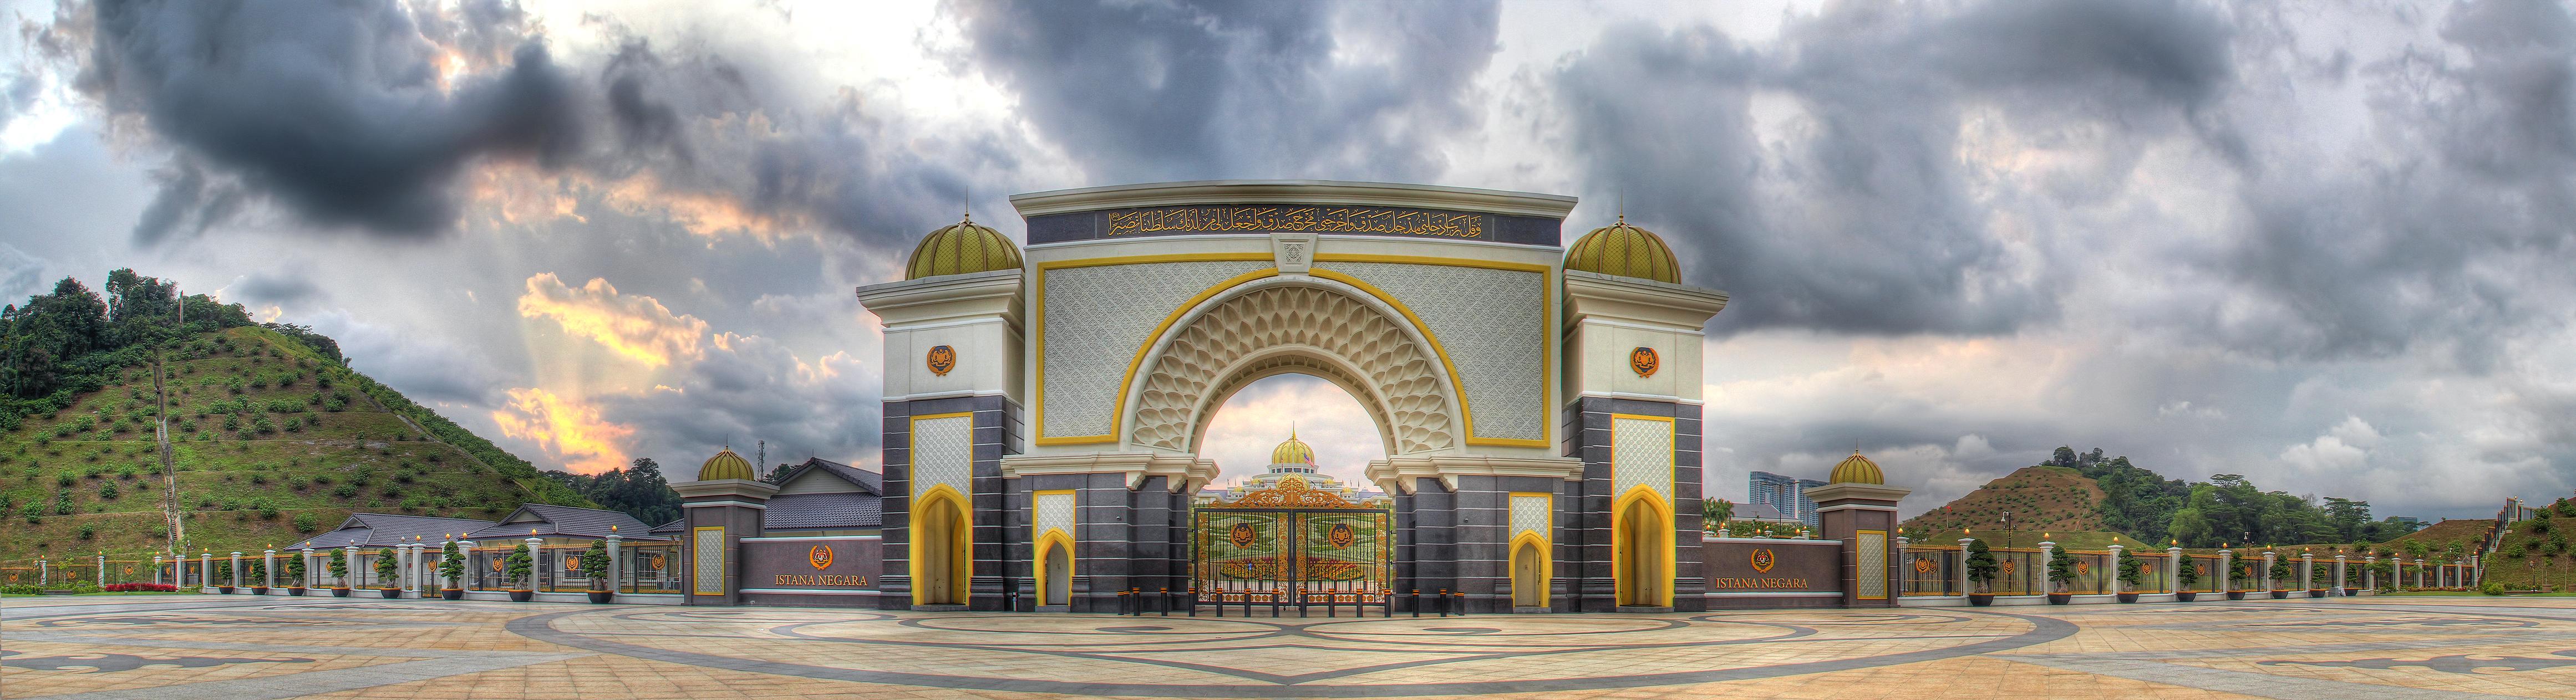 File:Malaysian National Palace Main Gate (6758948437).jpg ...